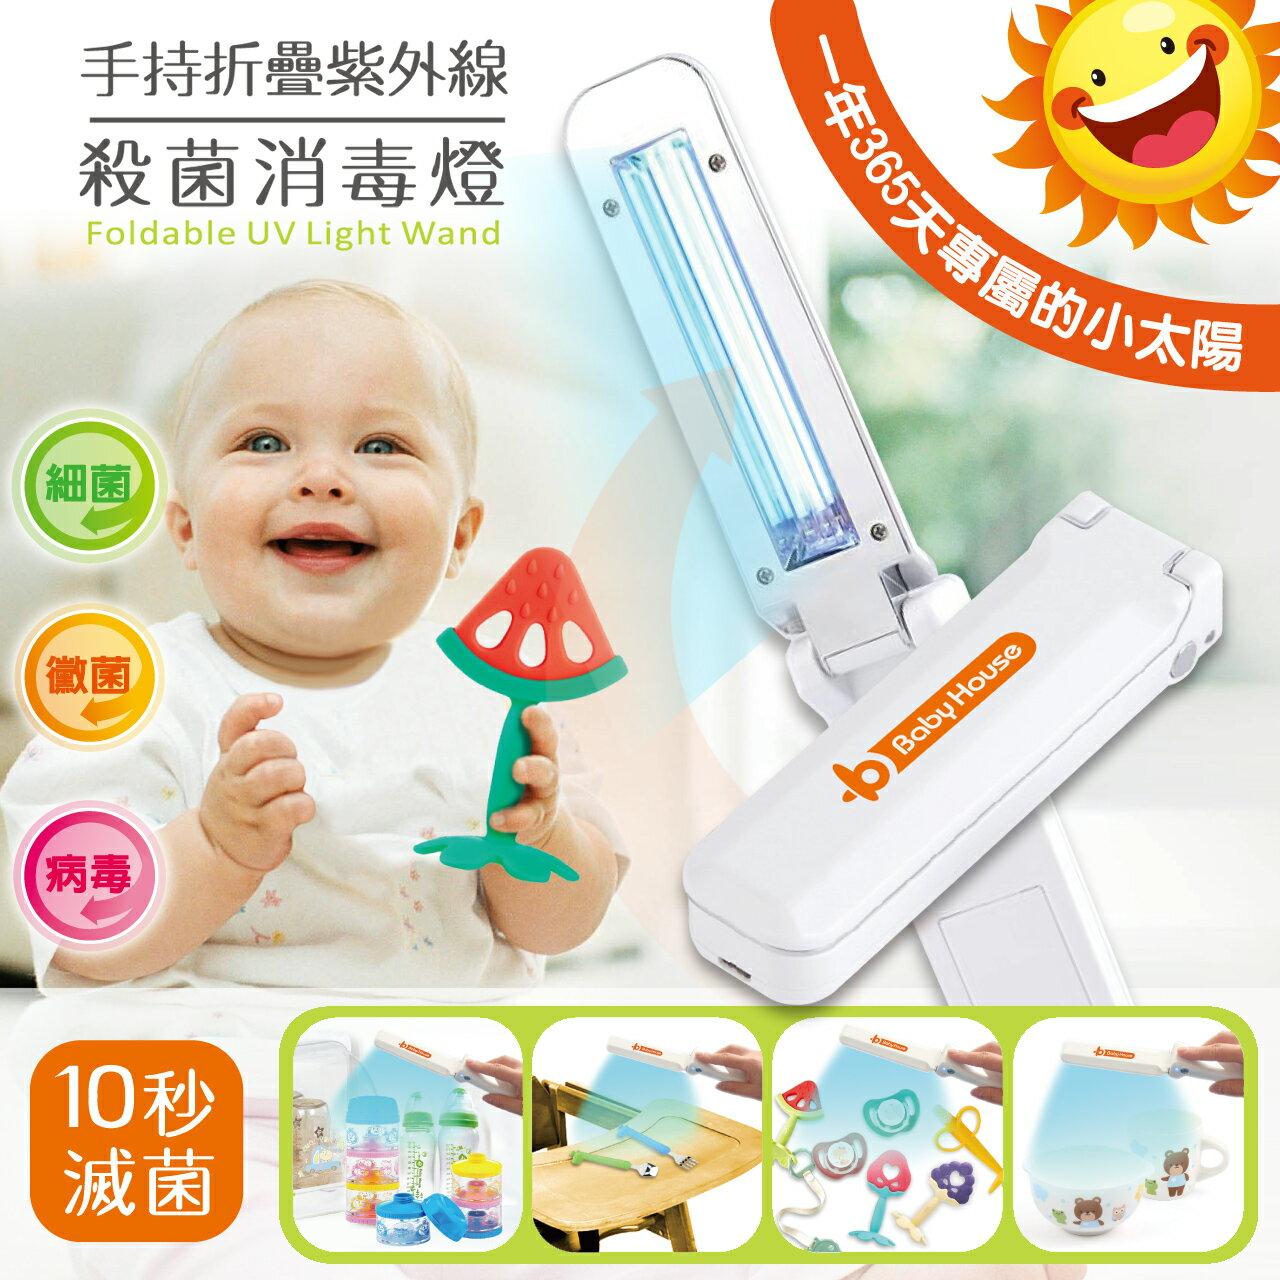 [ Baby House ] 愛兒房手持折疊紫外線殺菌消毒燈.把小太陽帶著走! 紫外線殺菌 非水貨.品質保固